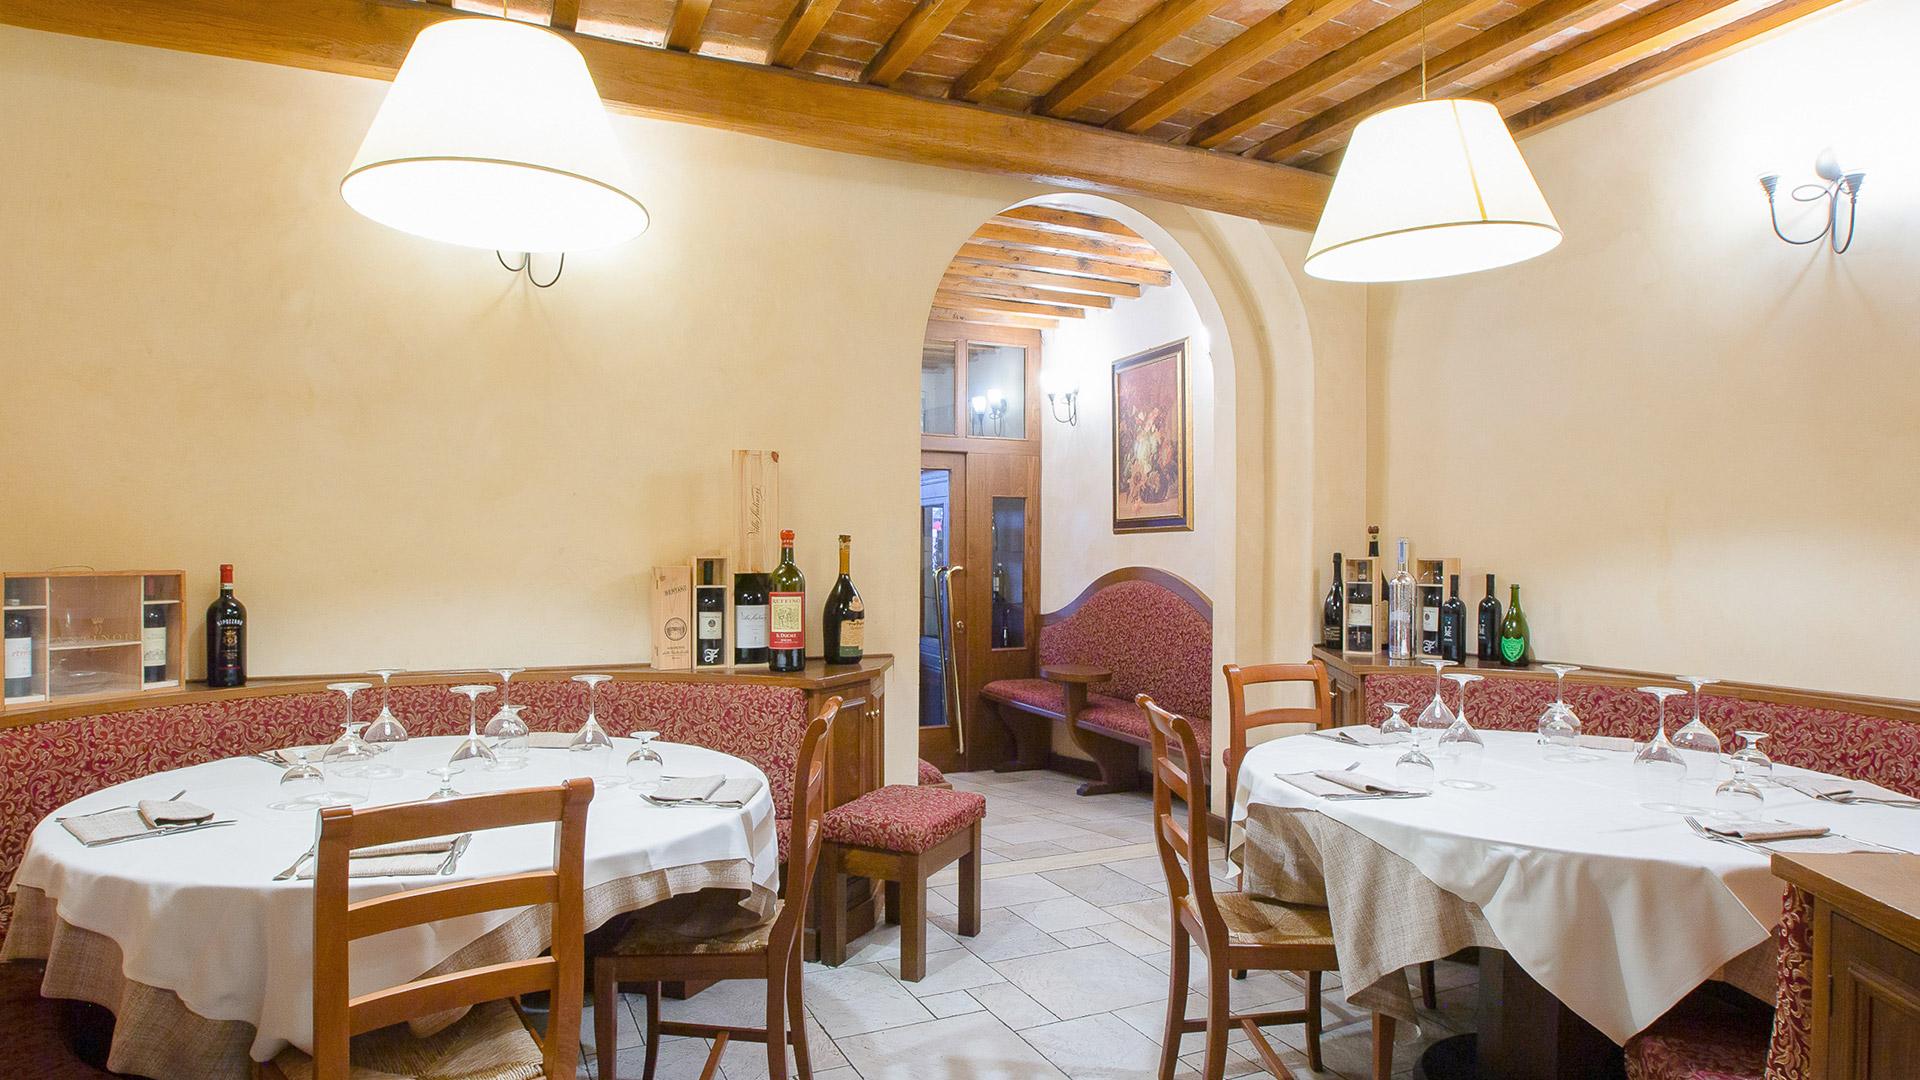 sala3-ristorante cucina tipica toscana Giglio Rosso